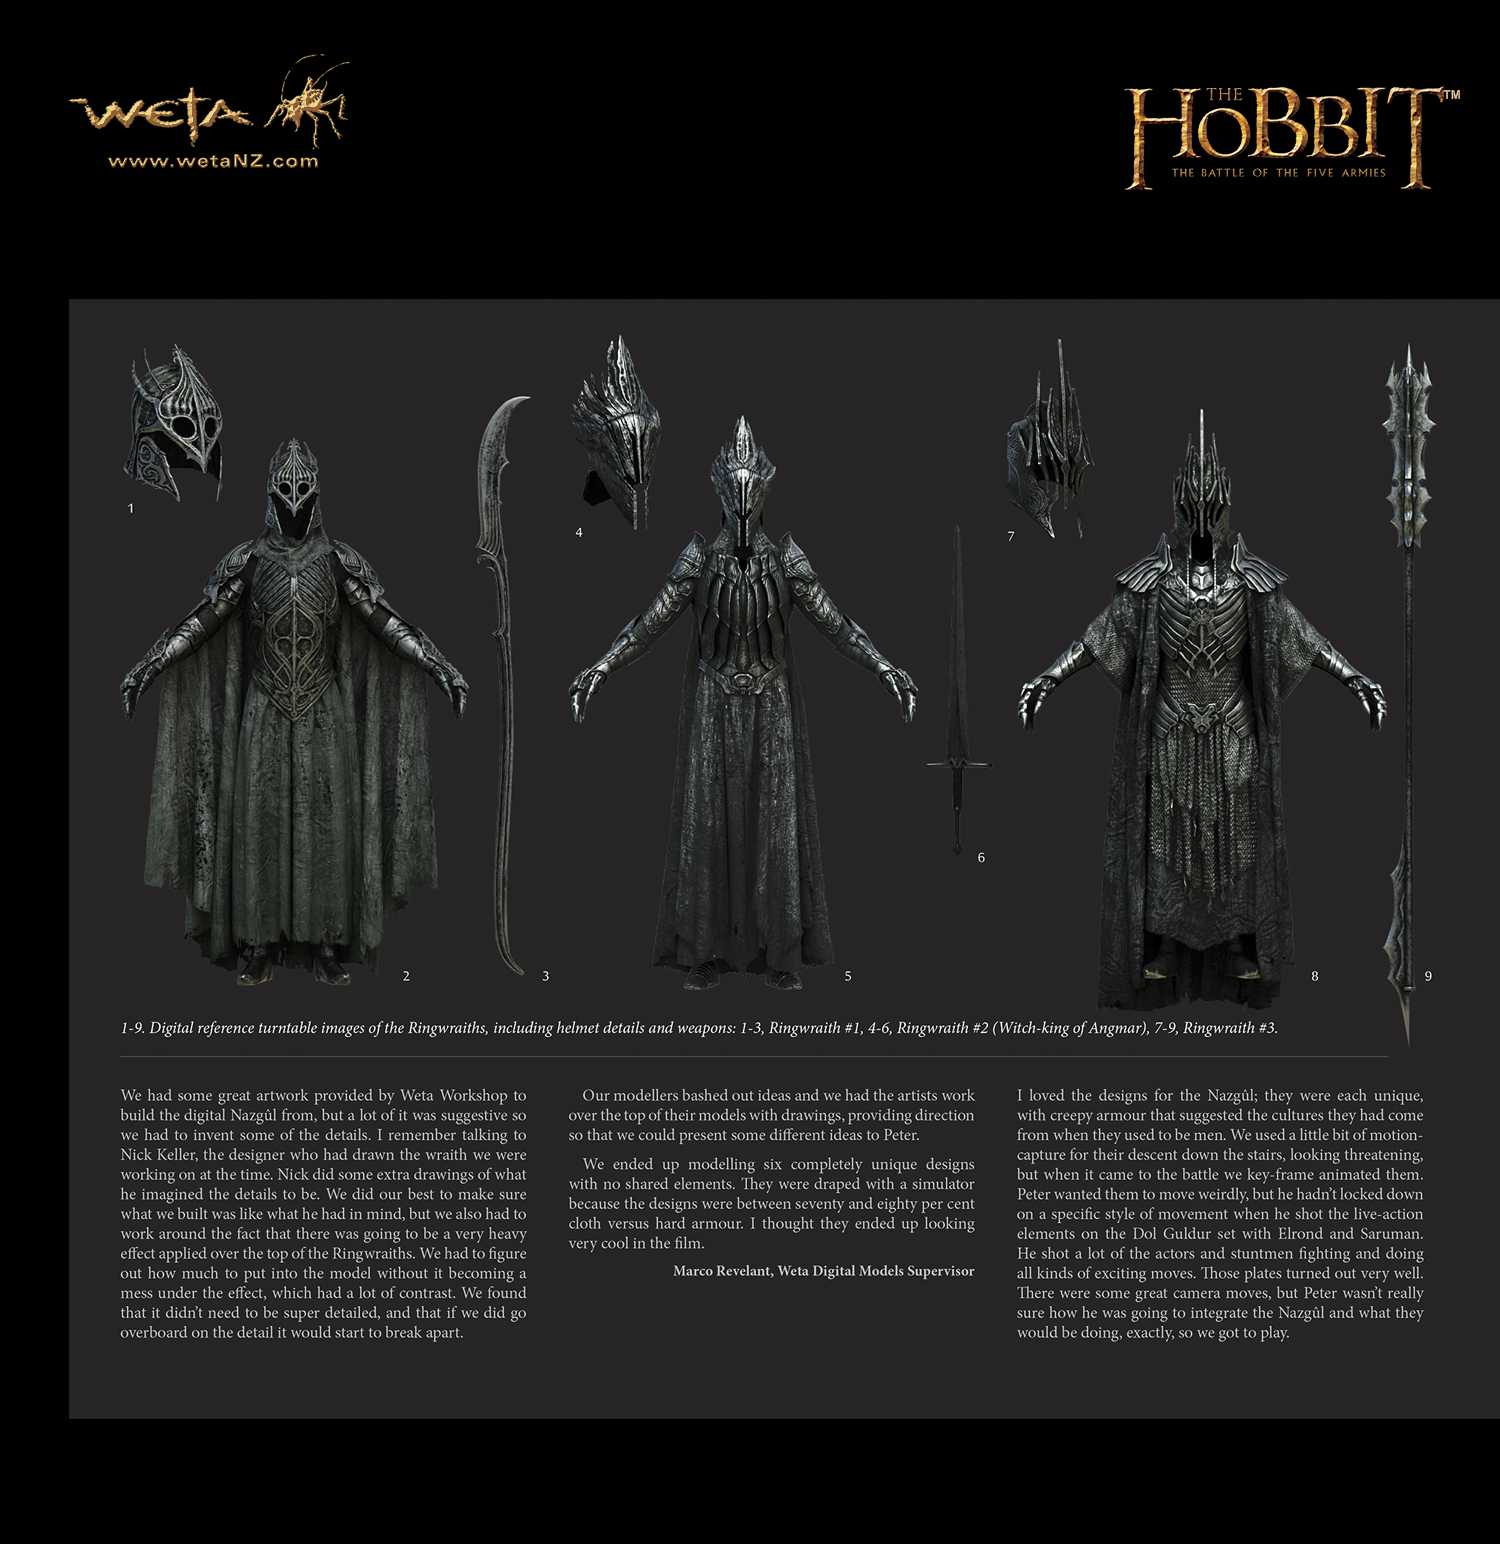 HobbitBotFAArtofWardNazgul2.jpg